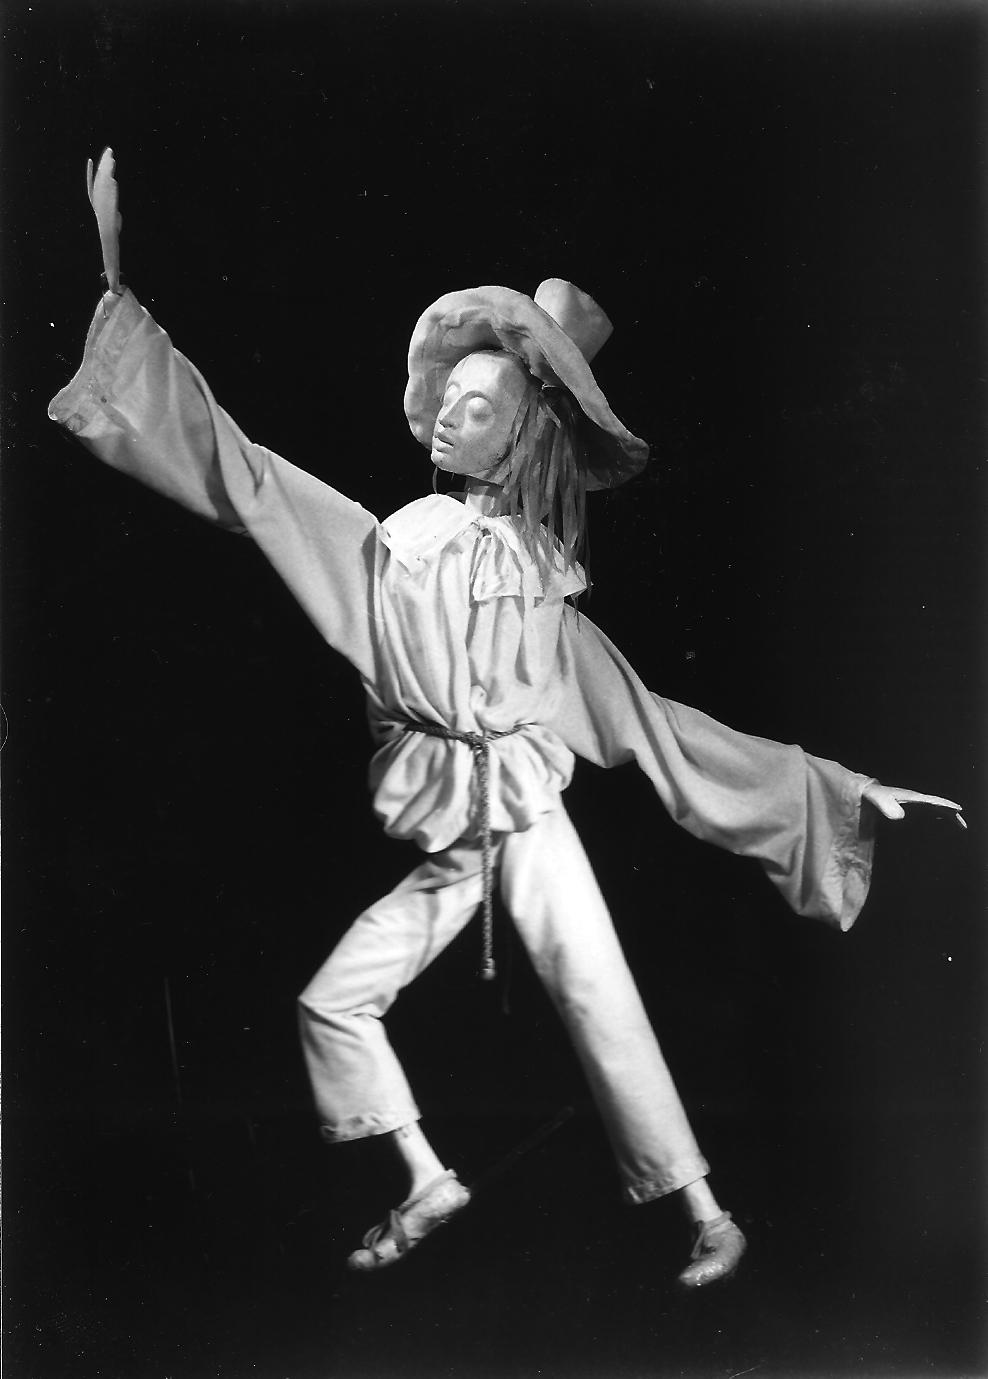 Pierrot, dans <em>Pierrot in Five Masks</em> (vers 1984) par Barry Smith. Photo réproduite avec l'aimable autorisation de Collection : The National Puppetry Archive